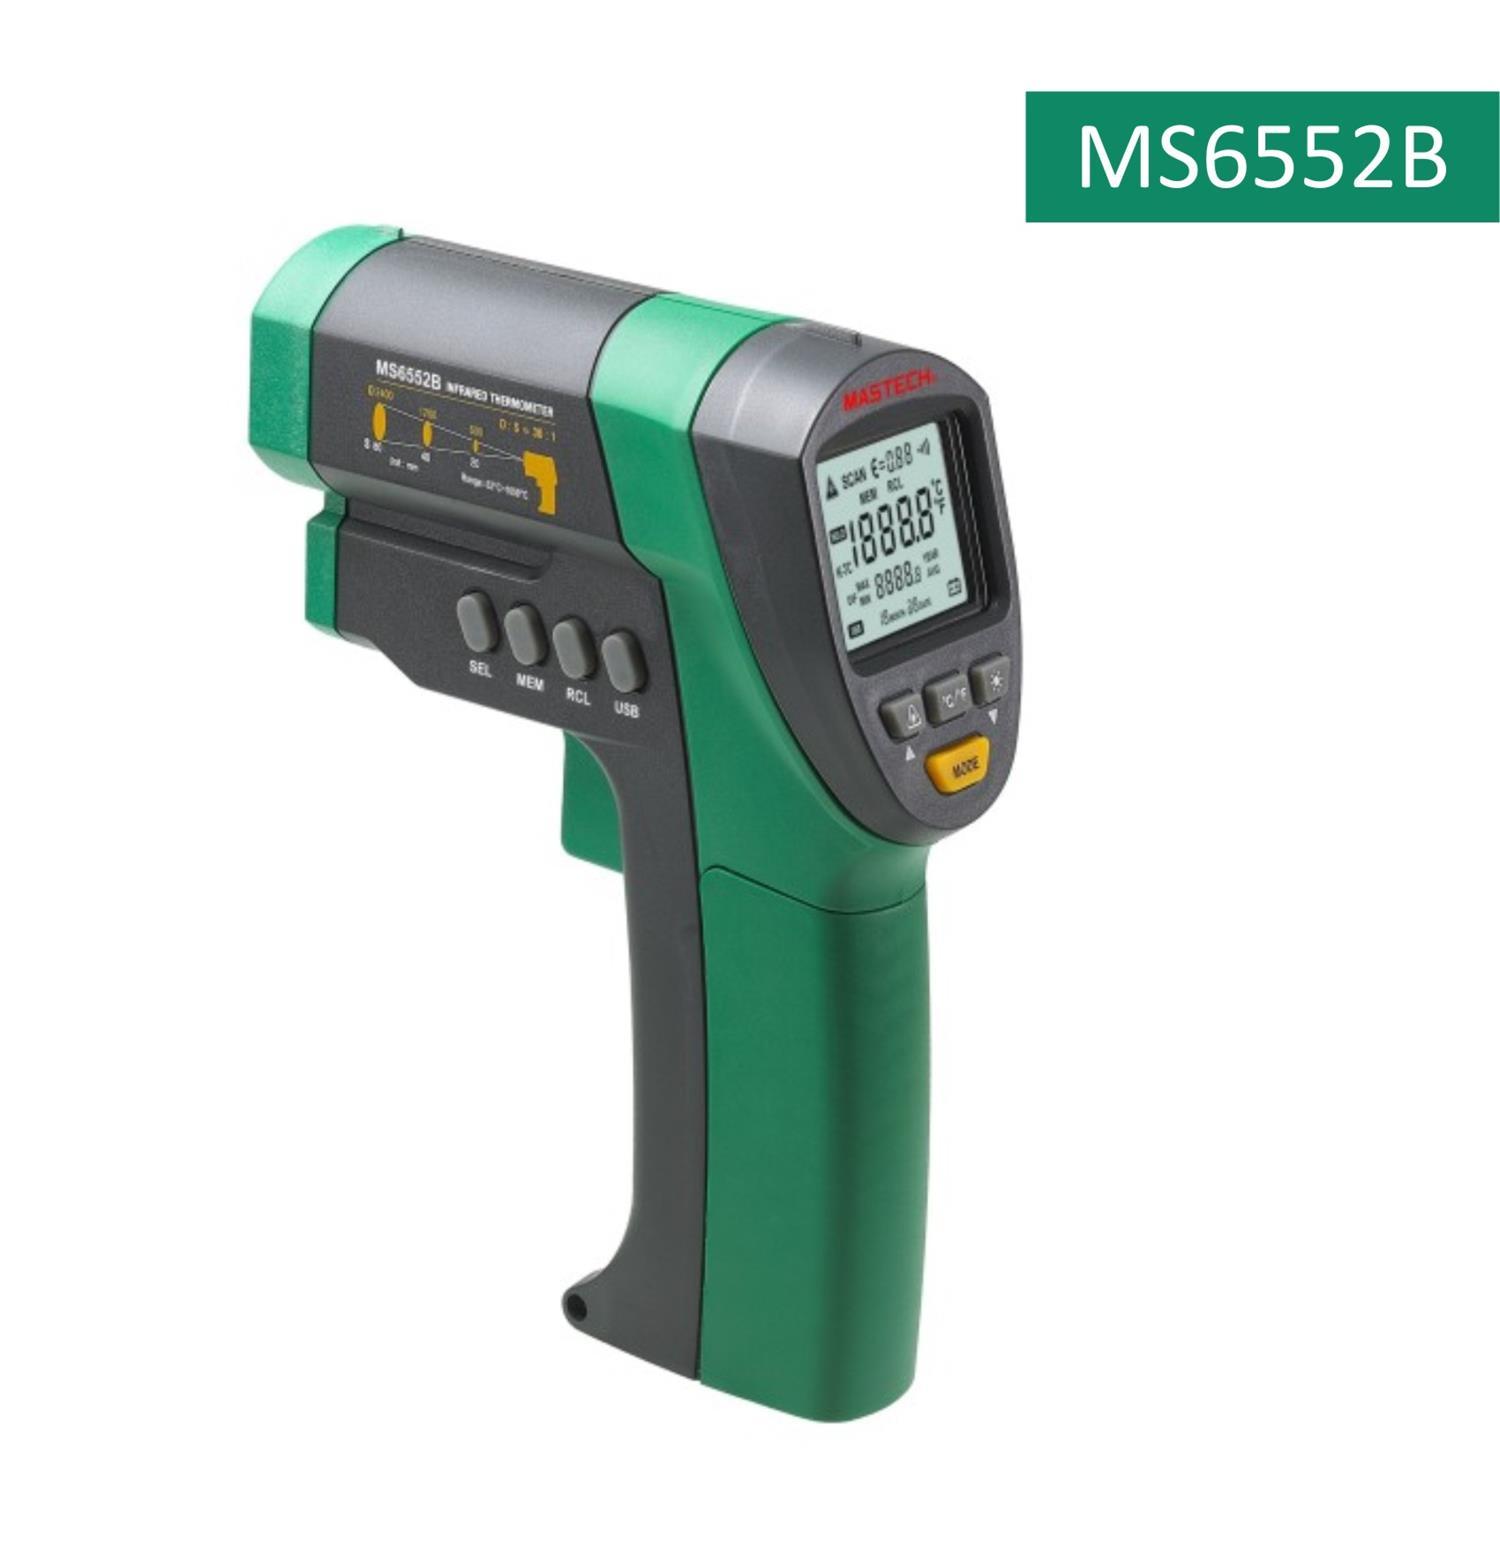 MS6552B